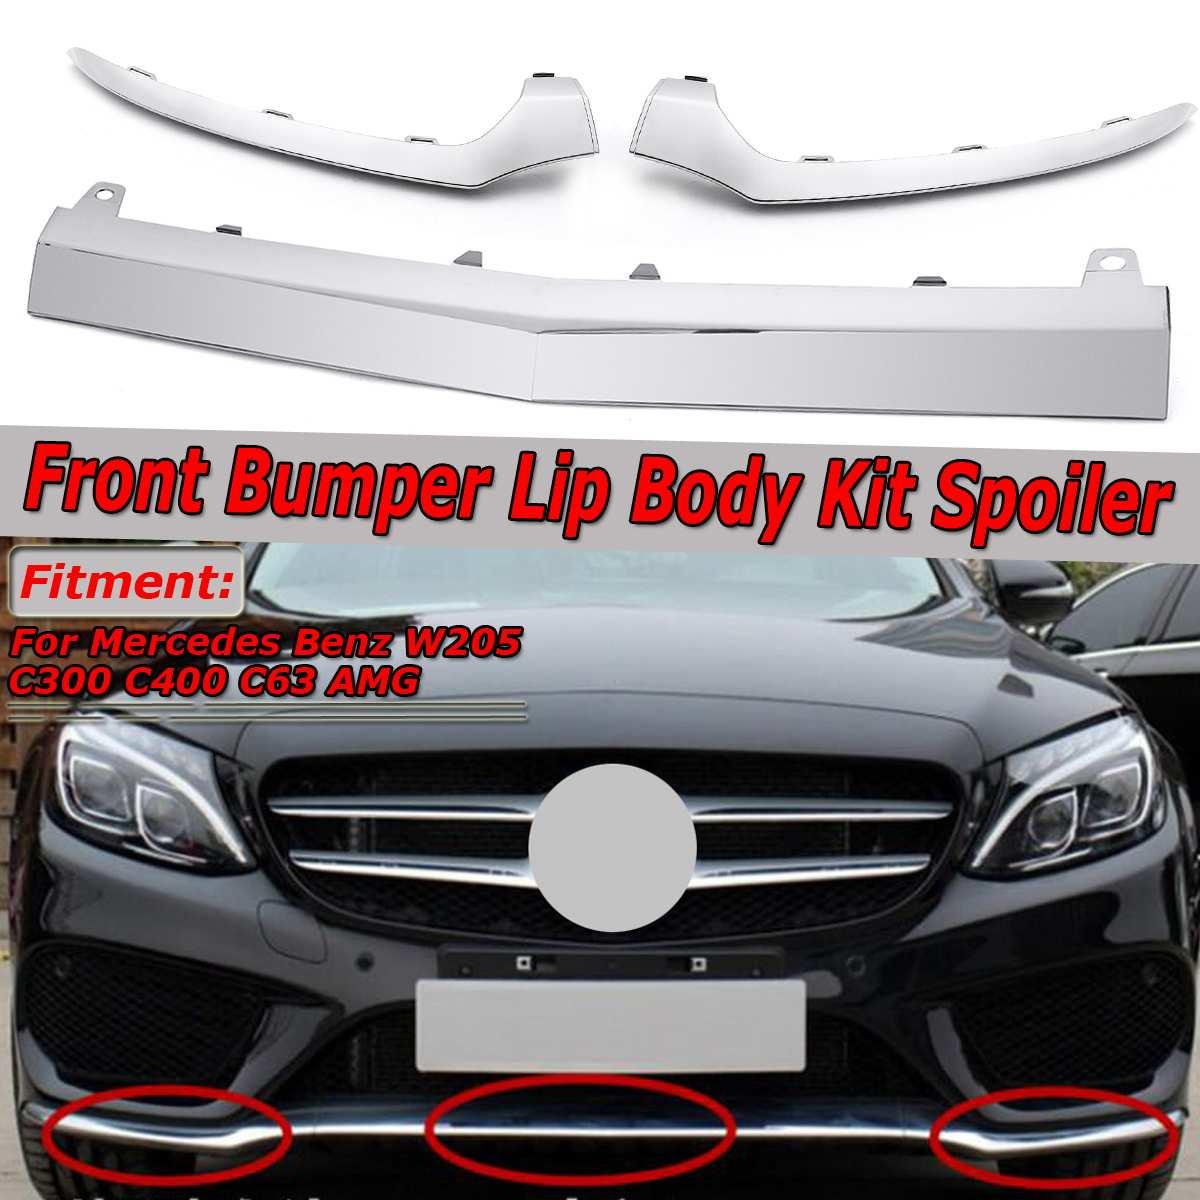 Chroom/Zwarte Auto Voor Lagere Bumper Lip Splitter Chrome Molding Cover Trim Voor Mercedes Benz W205 C300 C400 c63 Voor Amg